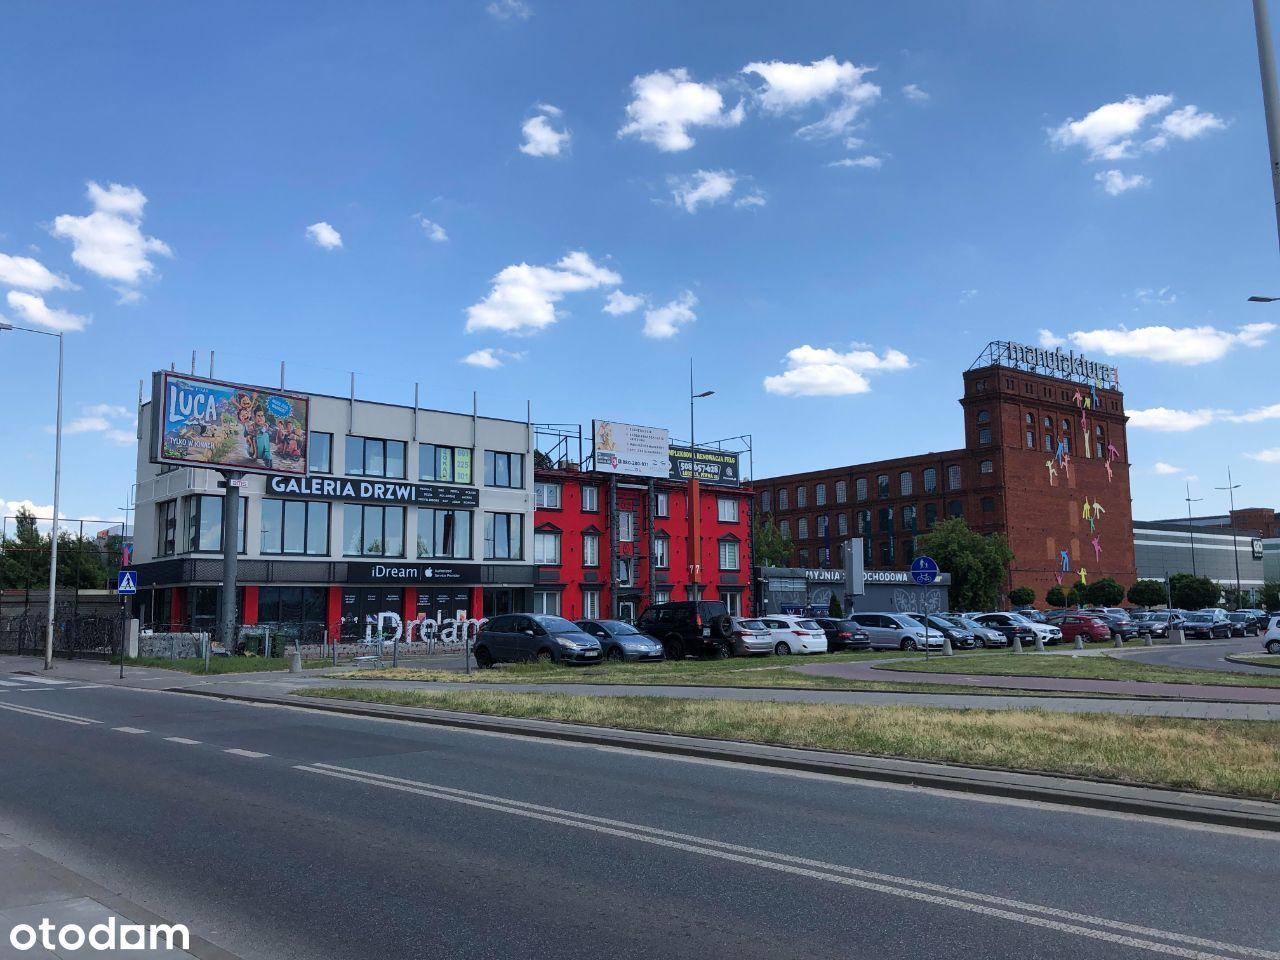 Lokale uż. centrum Łódź Manufaktura parter witryny